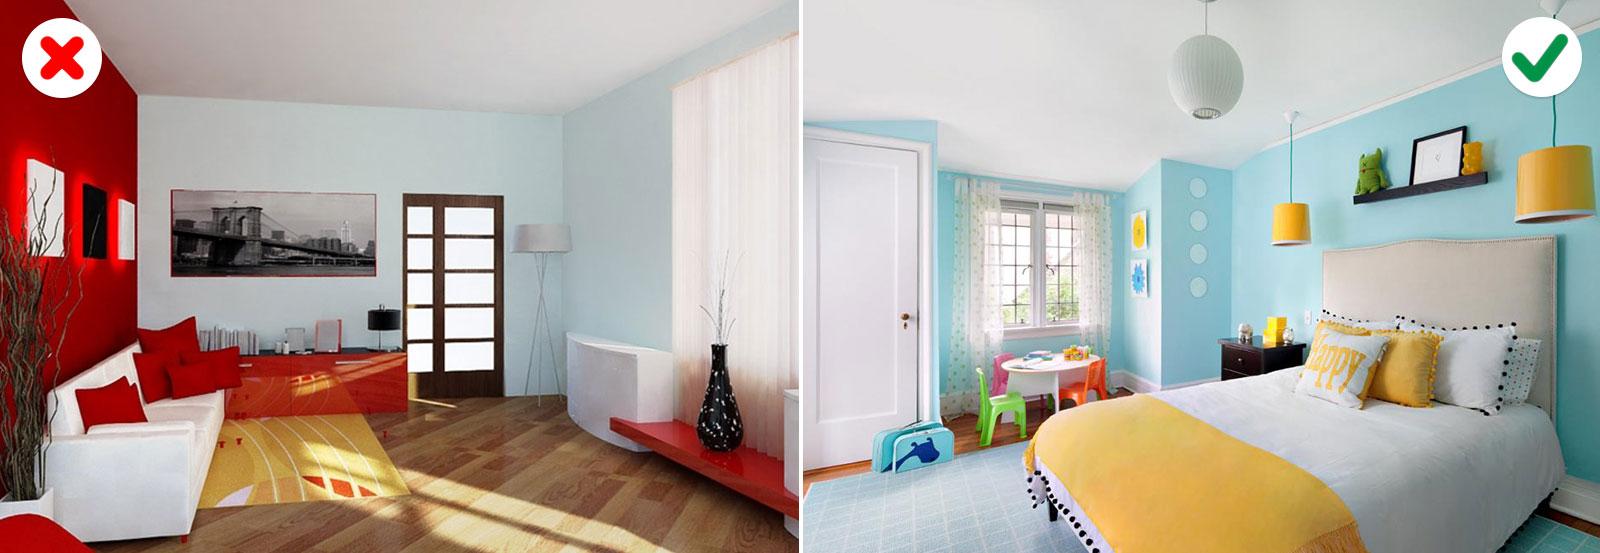 10 sai lầm về màu sắc khiến căn nhà trở nên xấu xí-6